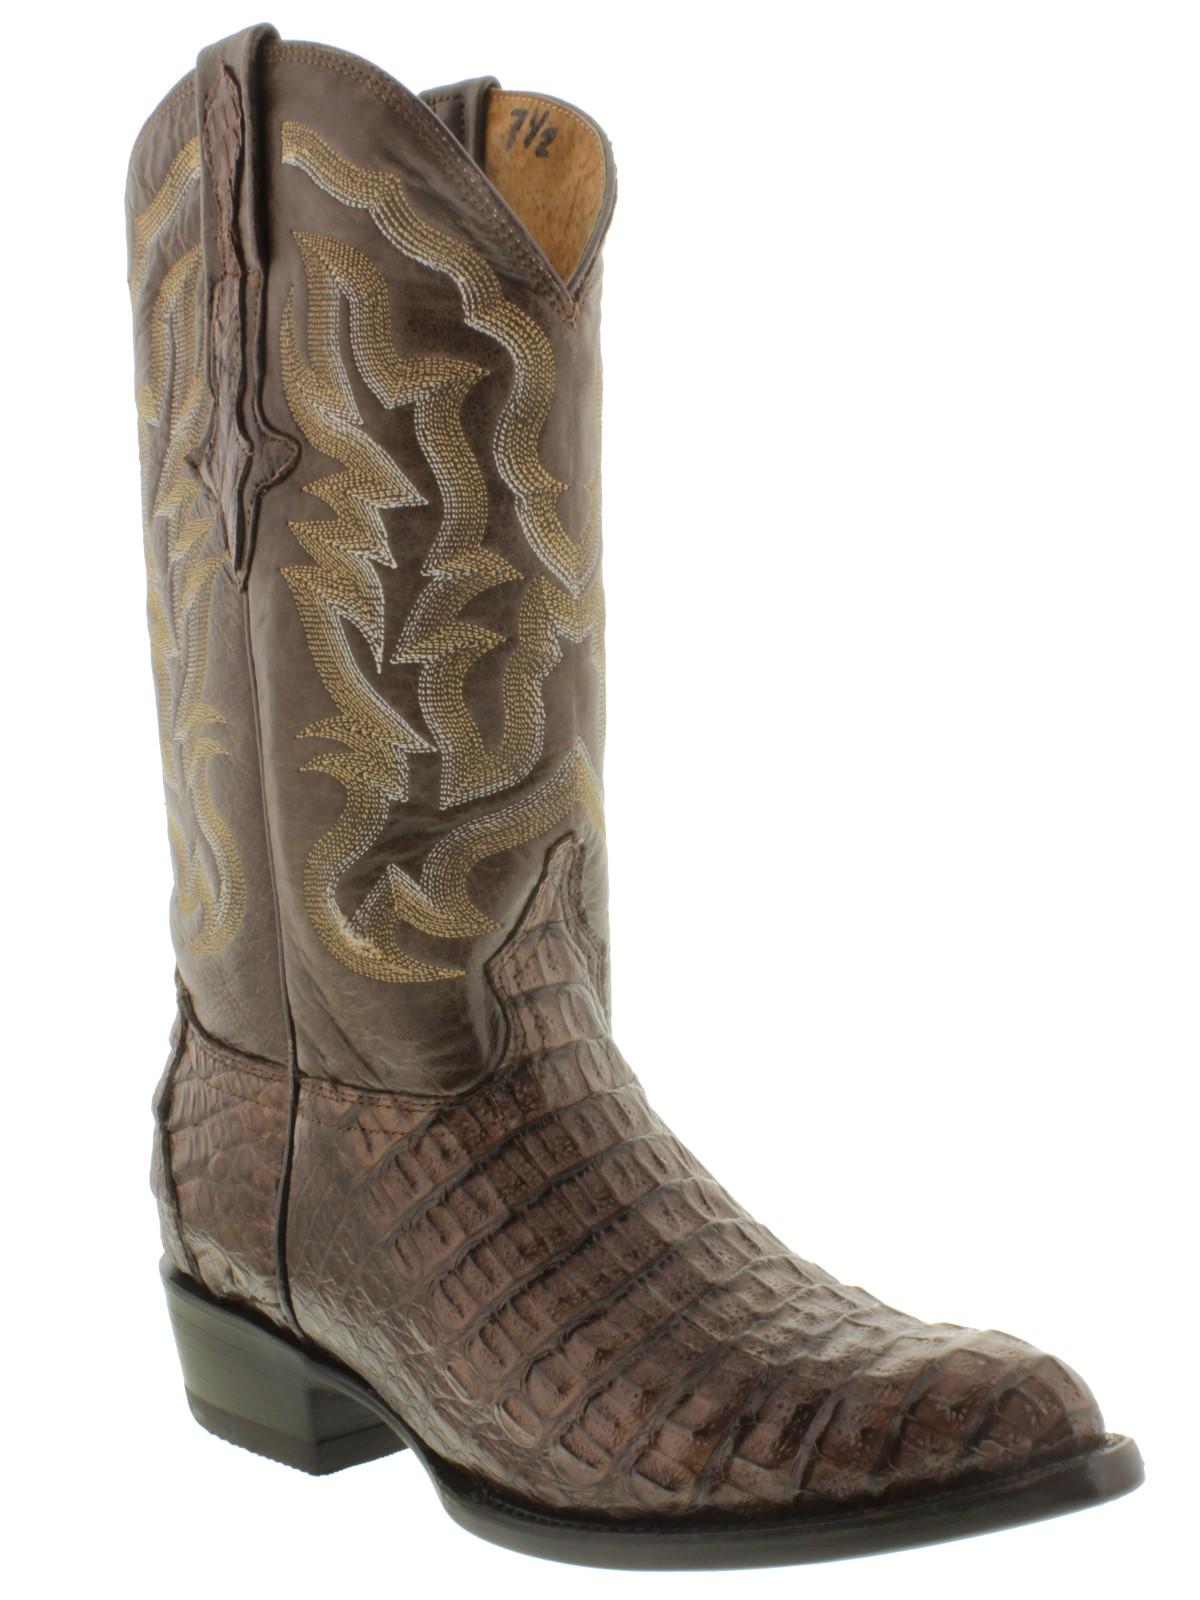 Crocodile skin boots - photo#29